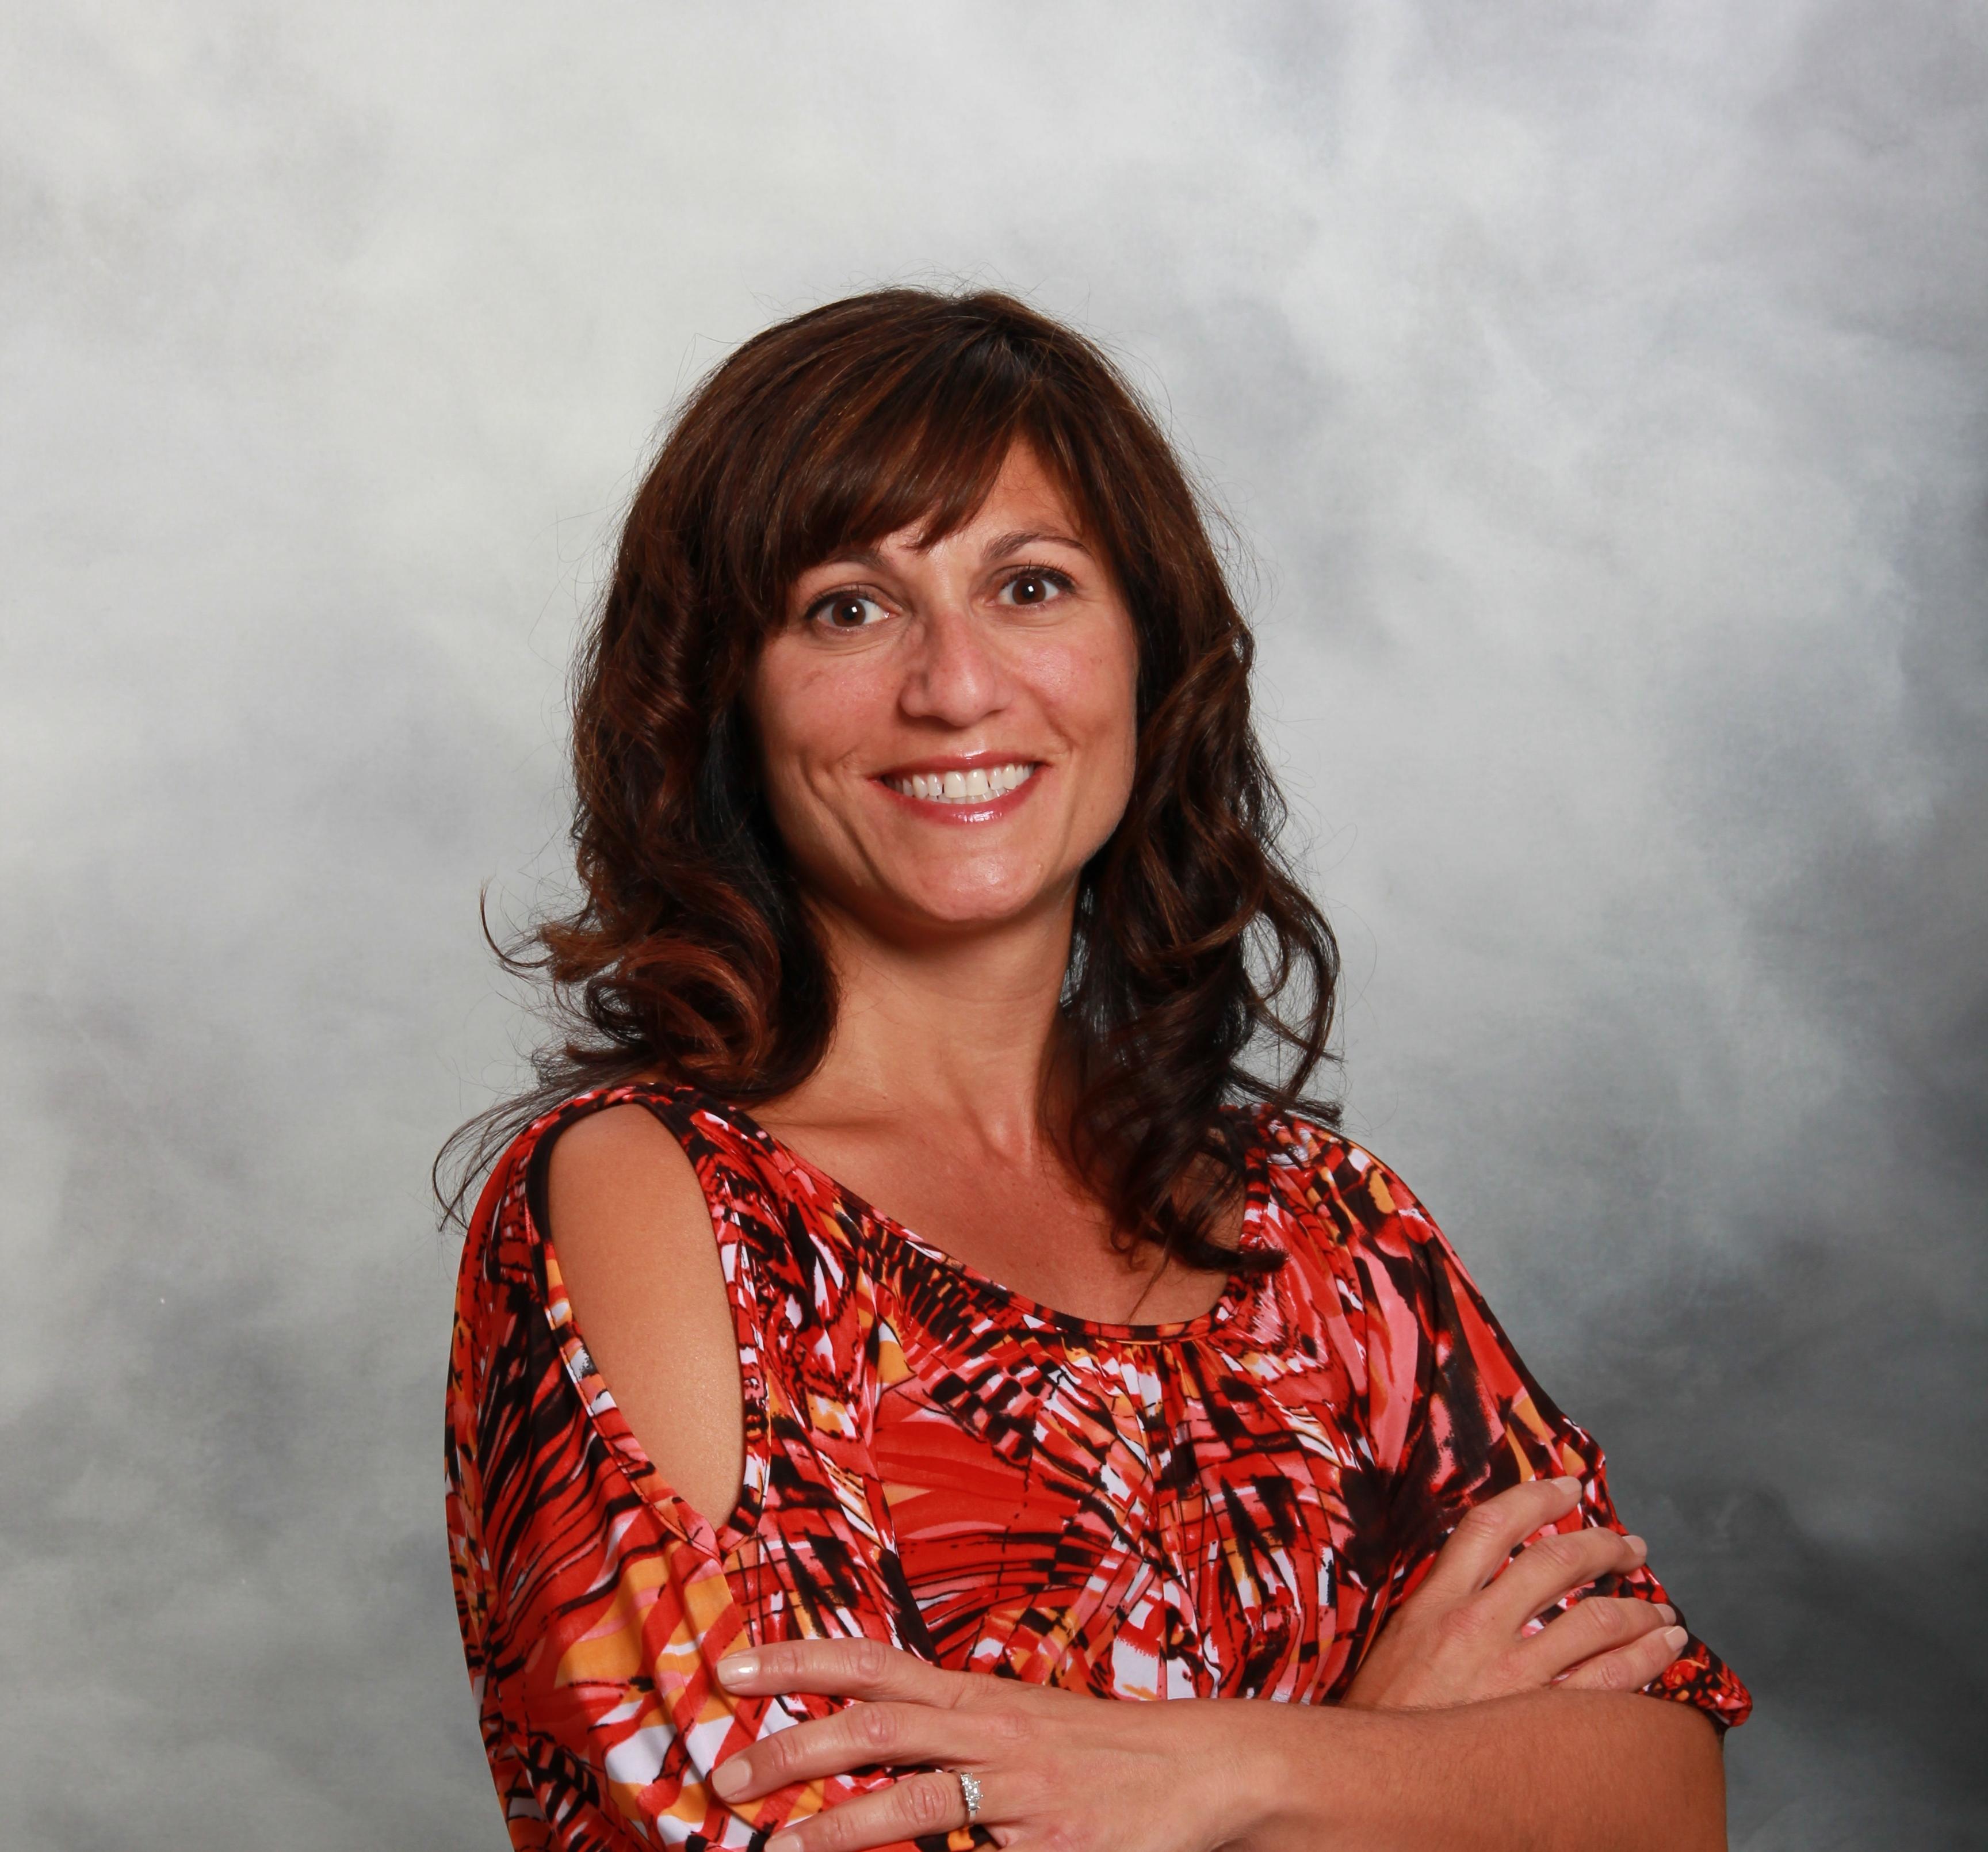 Image of Dr. Toni Serafini